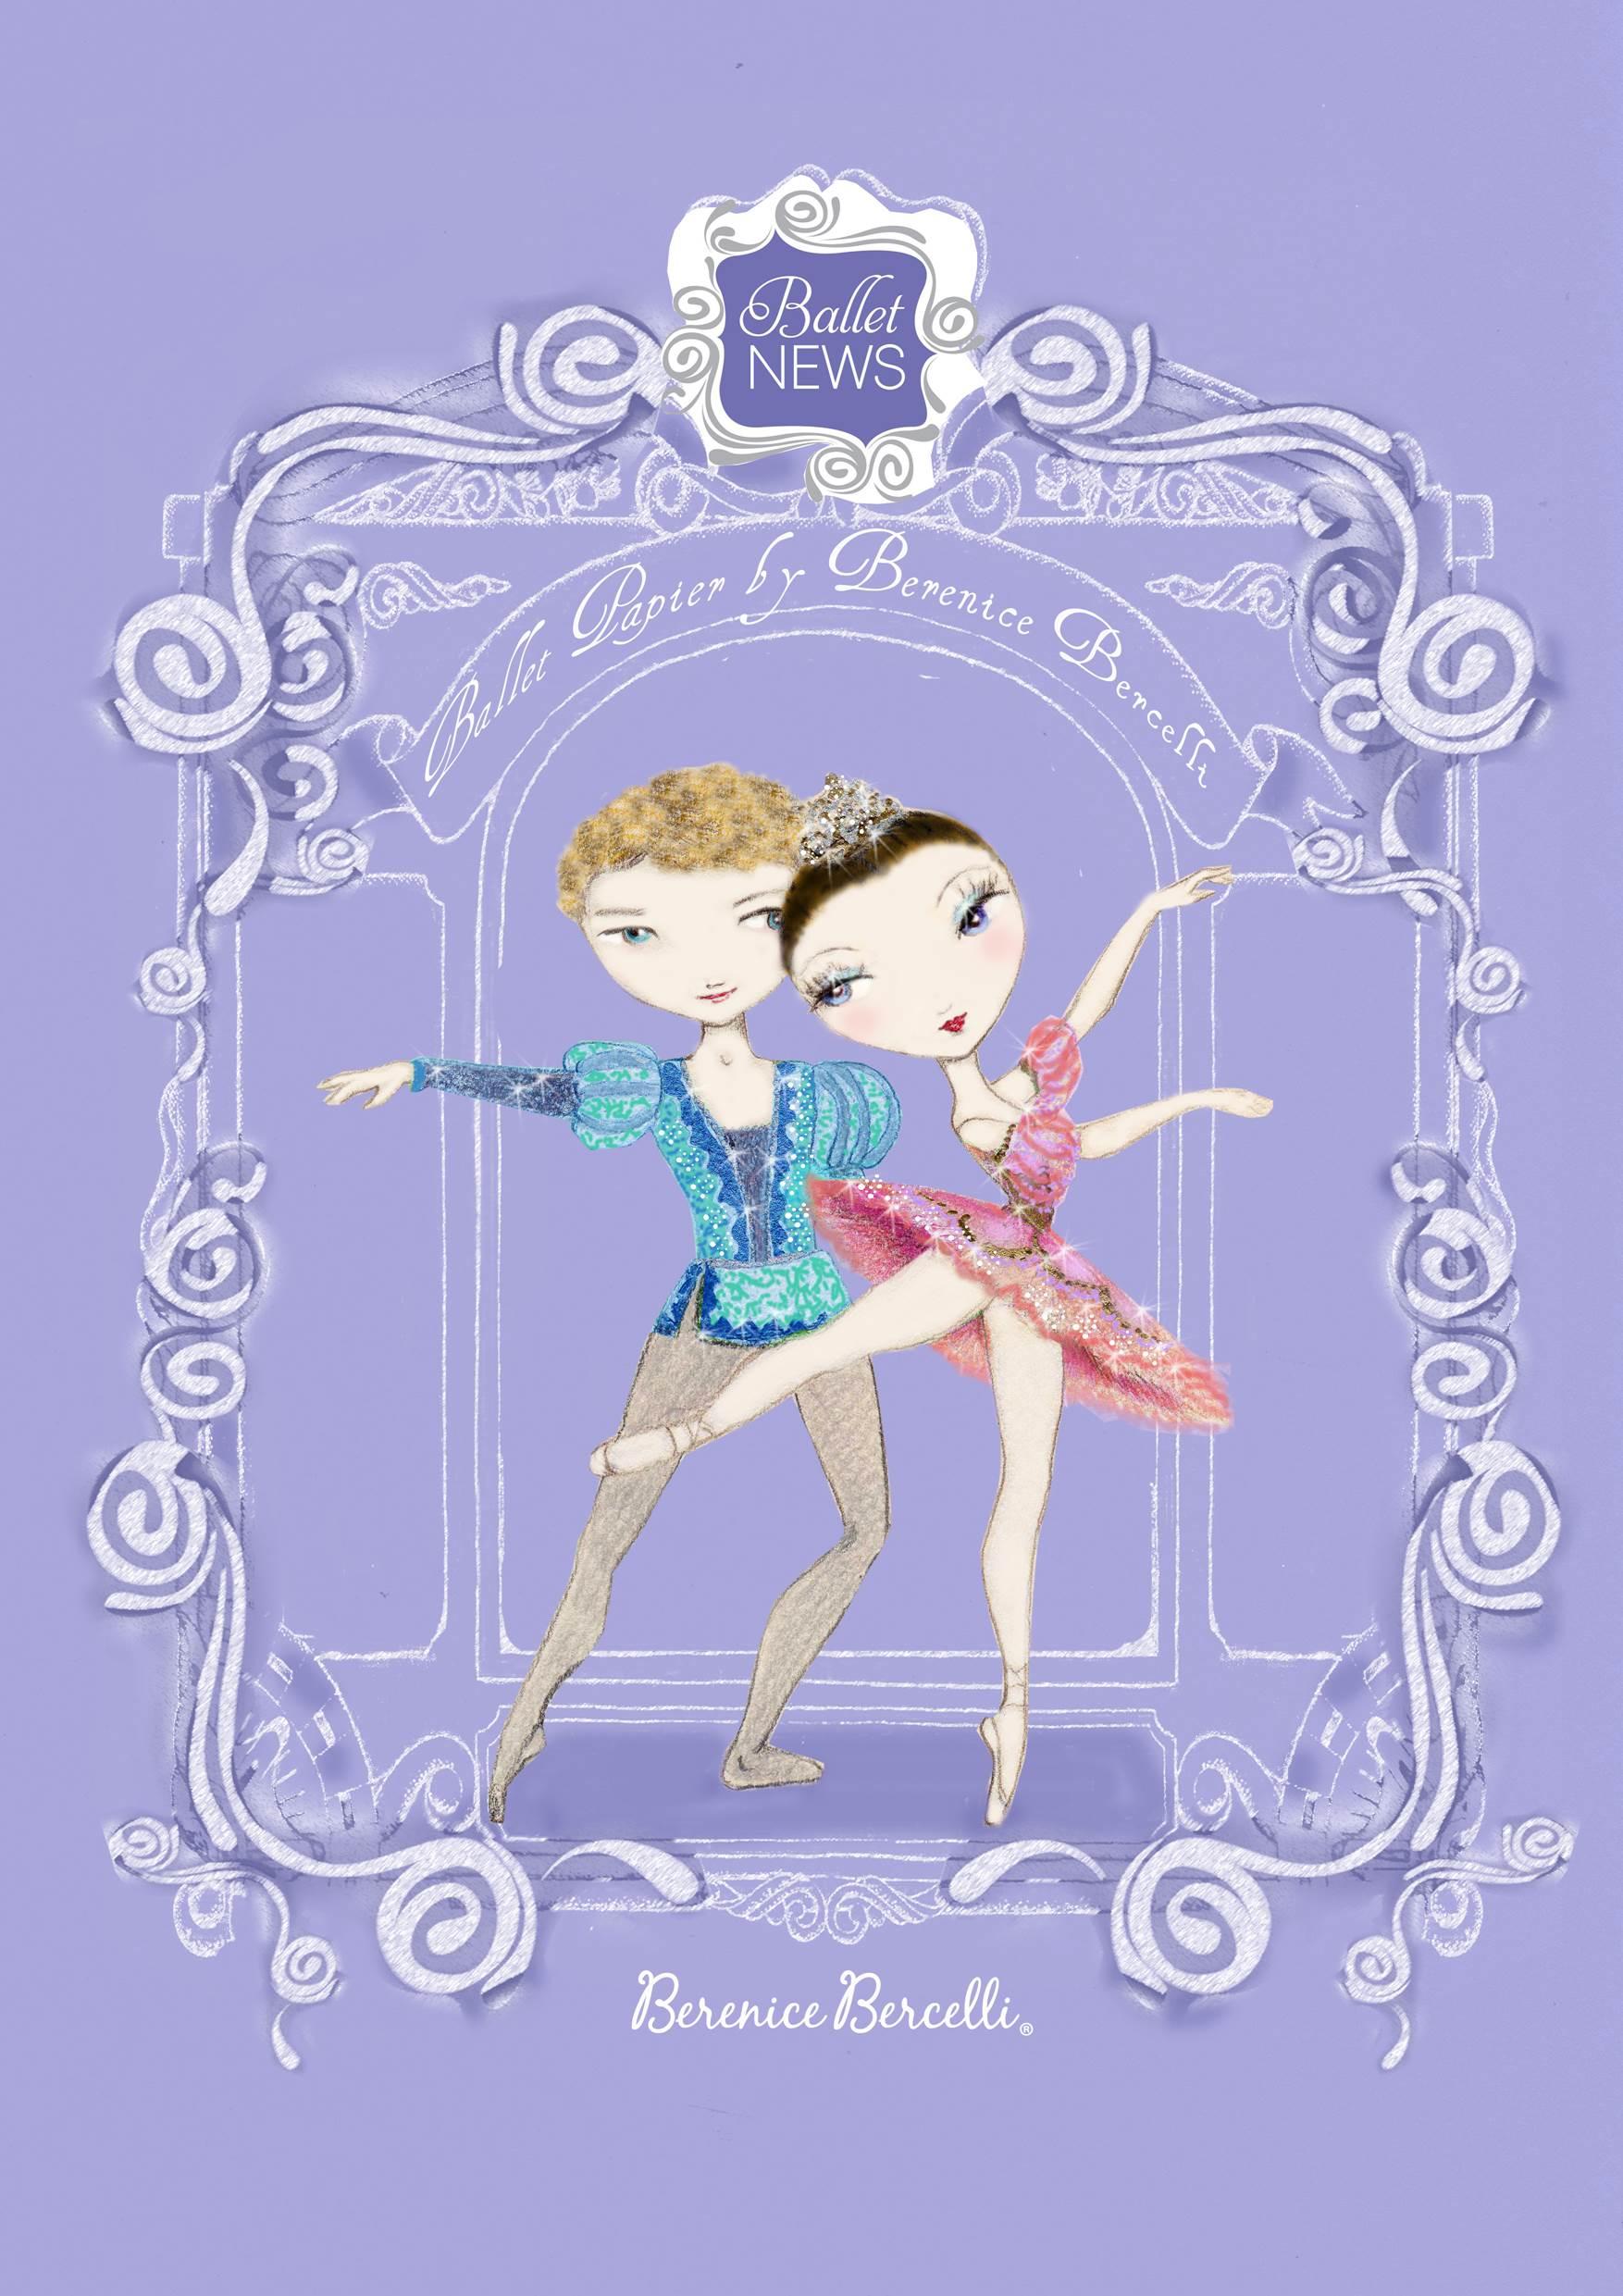 ballet illustrations